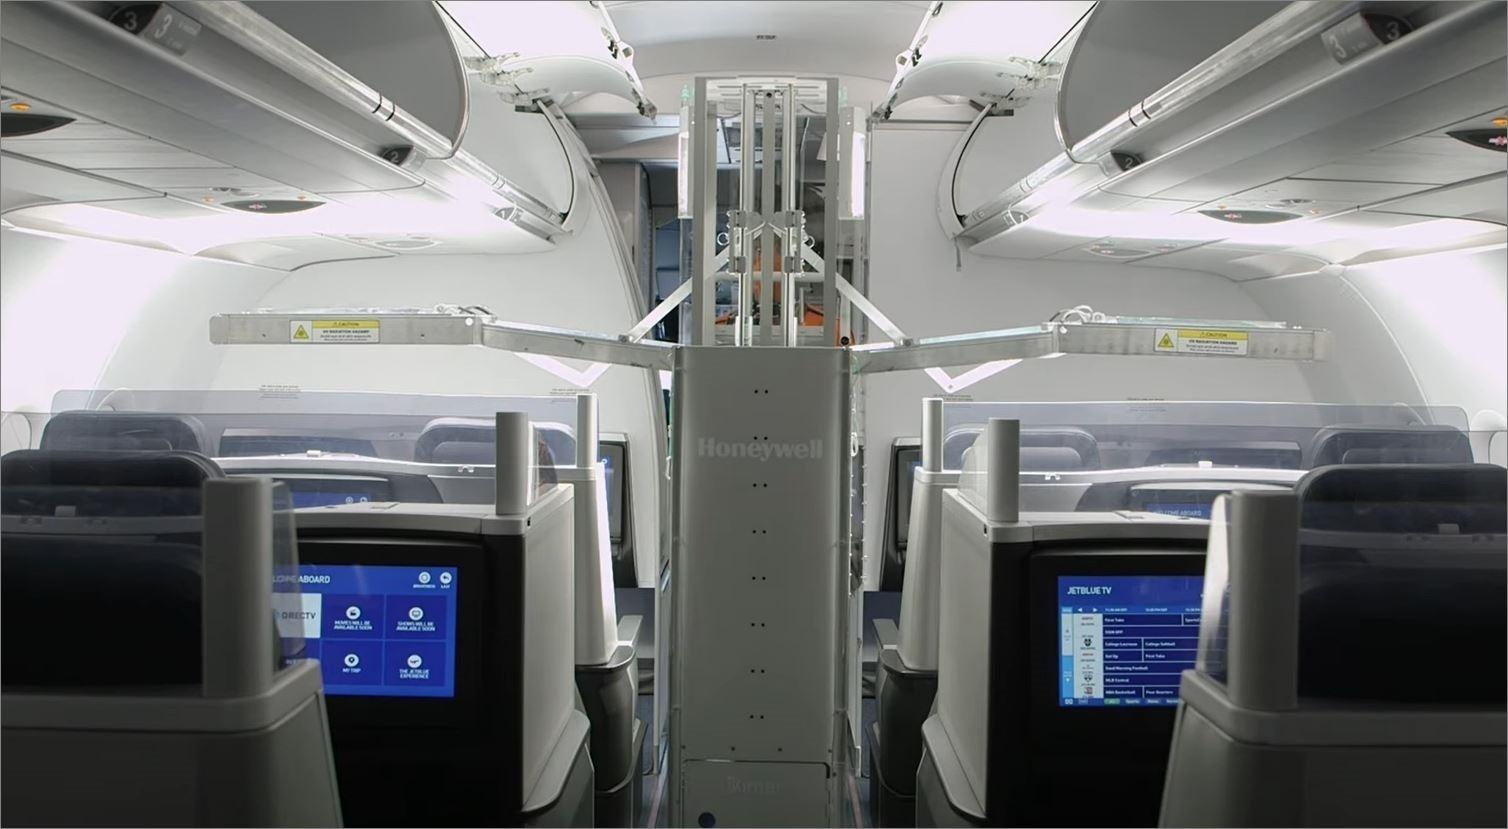 ジェットブルー航空が機内消毒に紫外線ロボットを導入